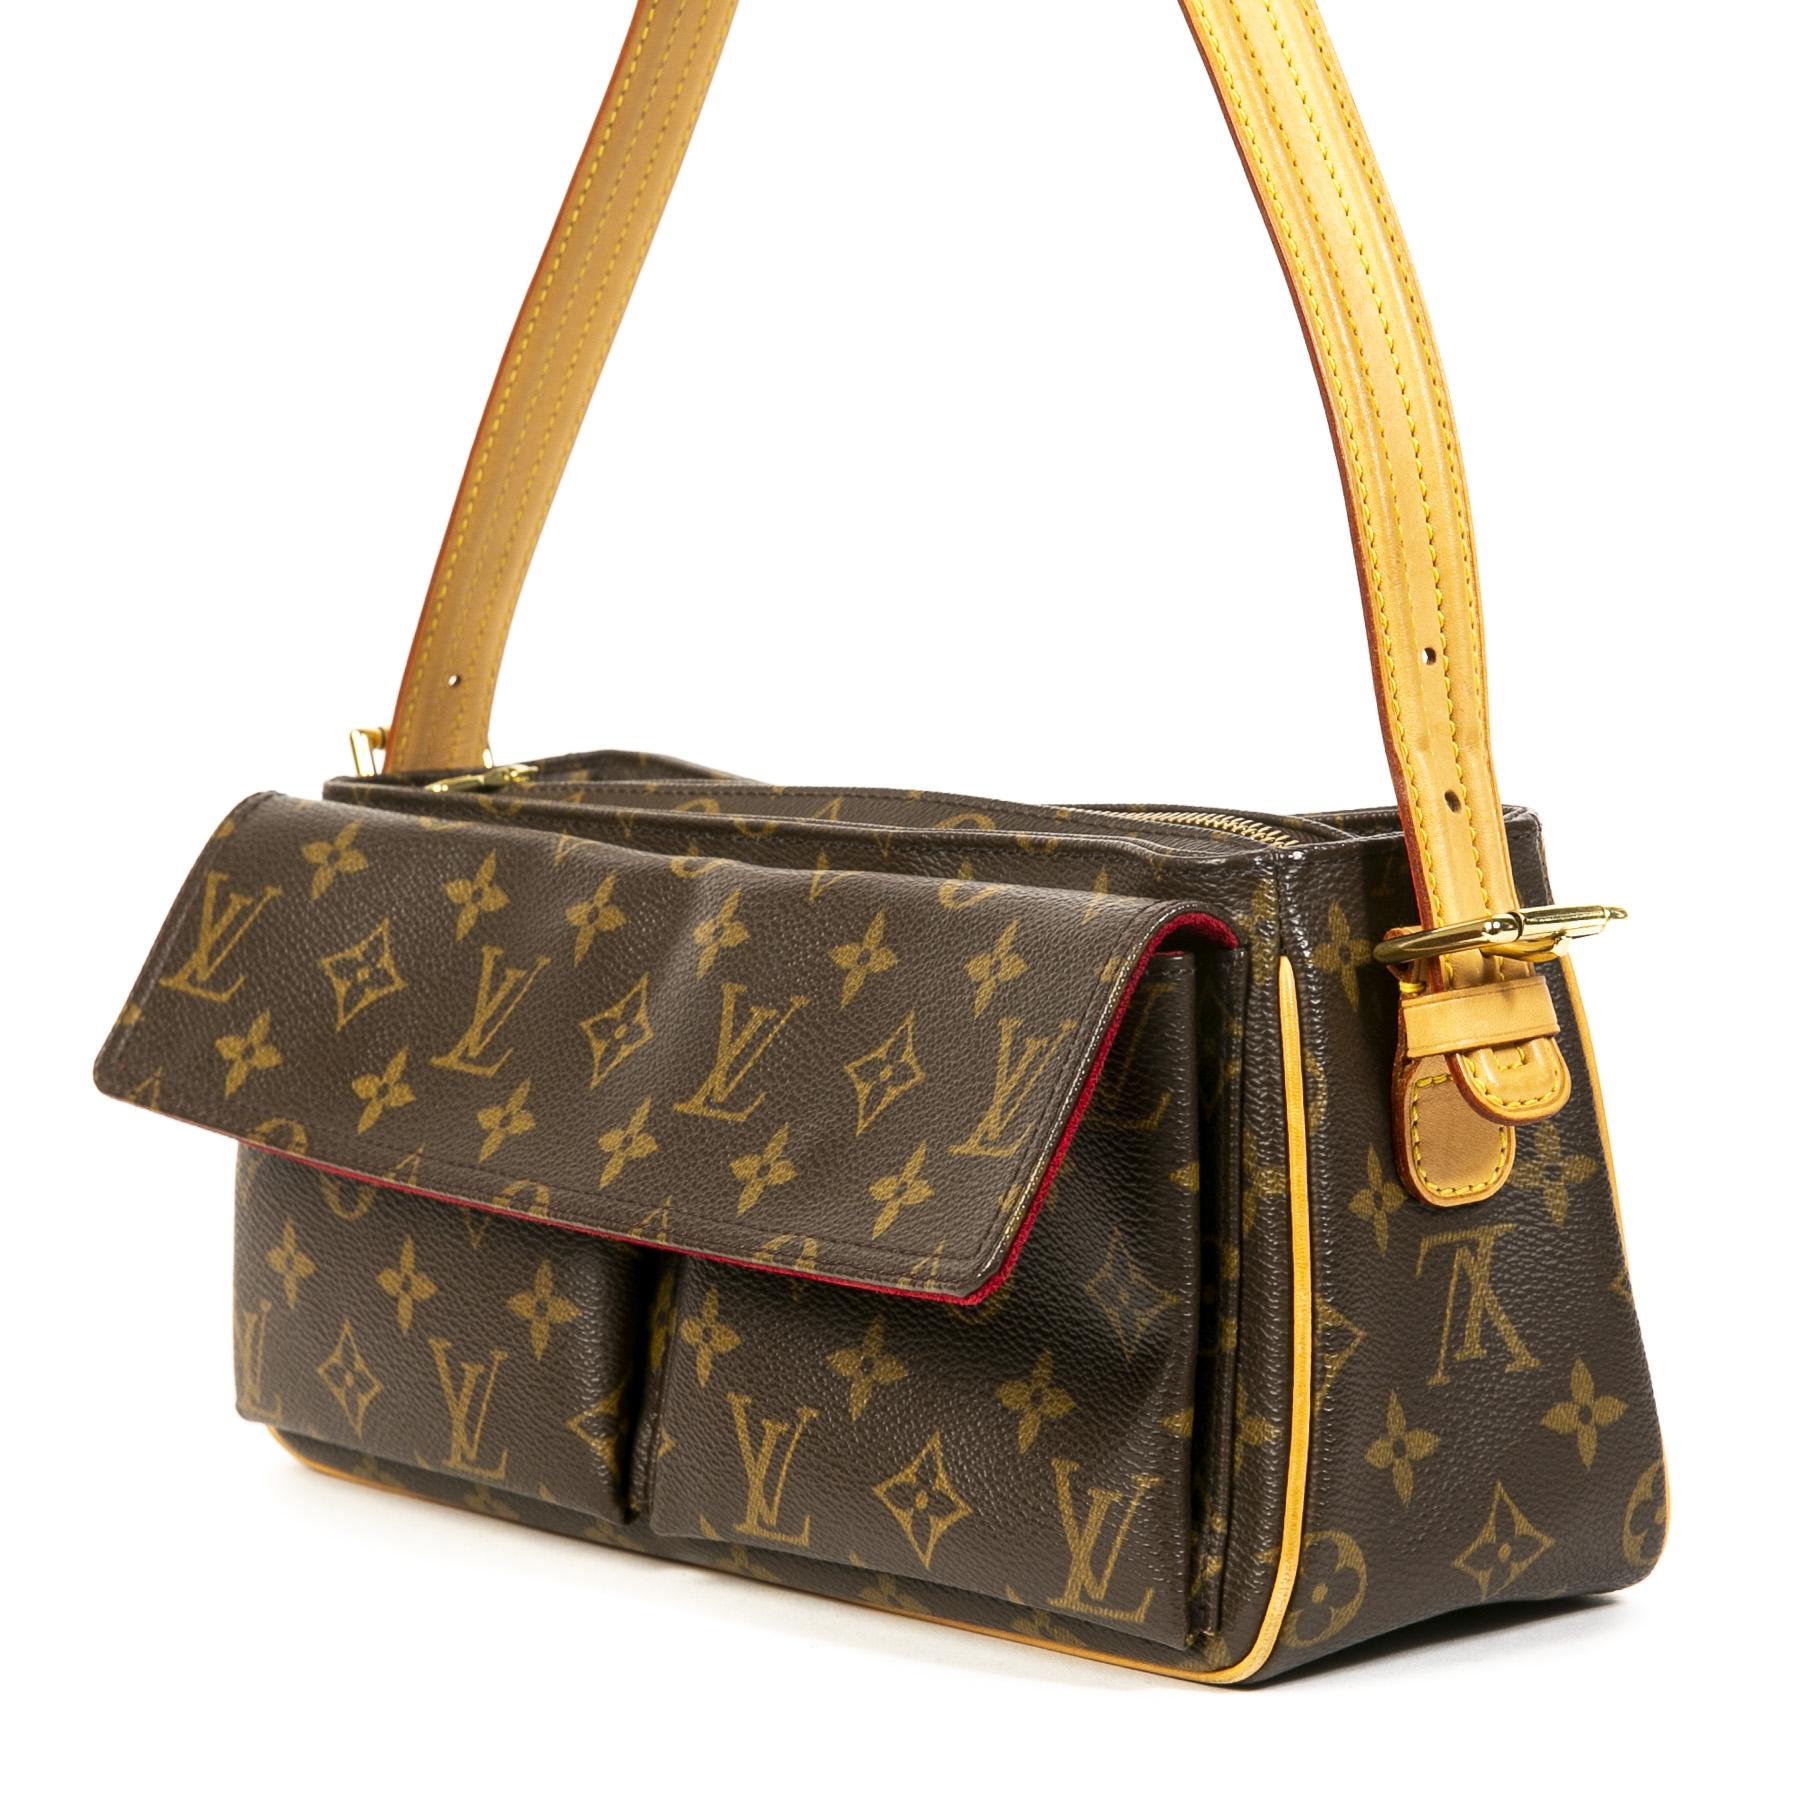 We buy and sell your authentic Louis Vuitton Monogram Viva Cité Shoulder Bag